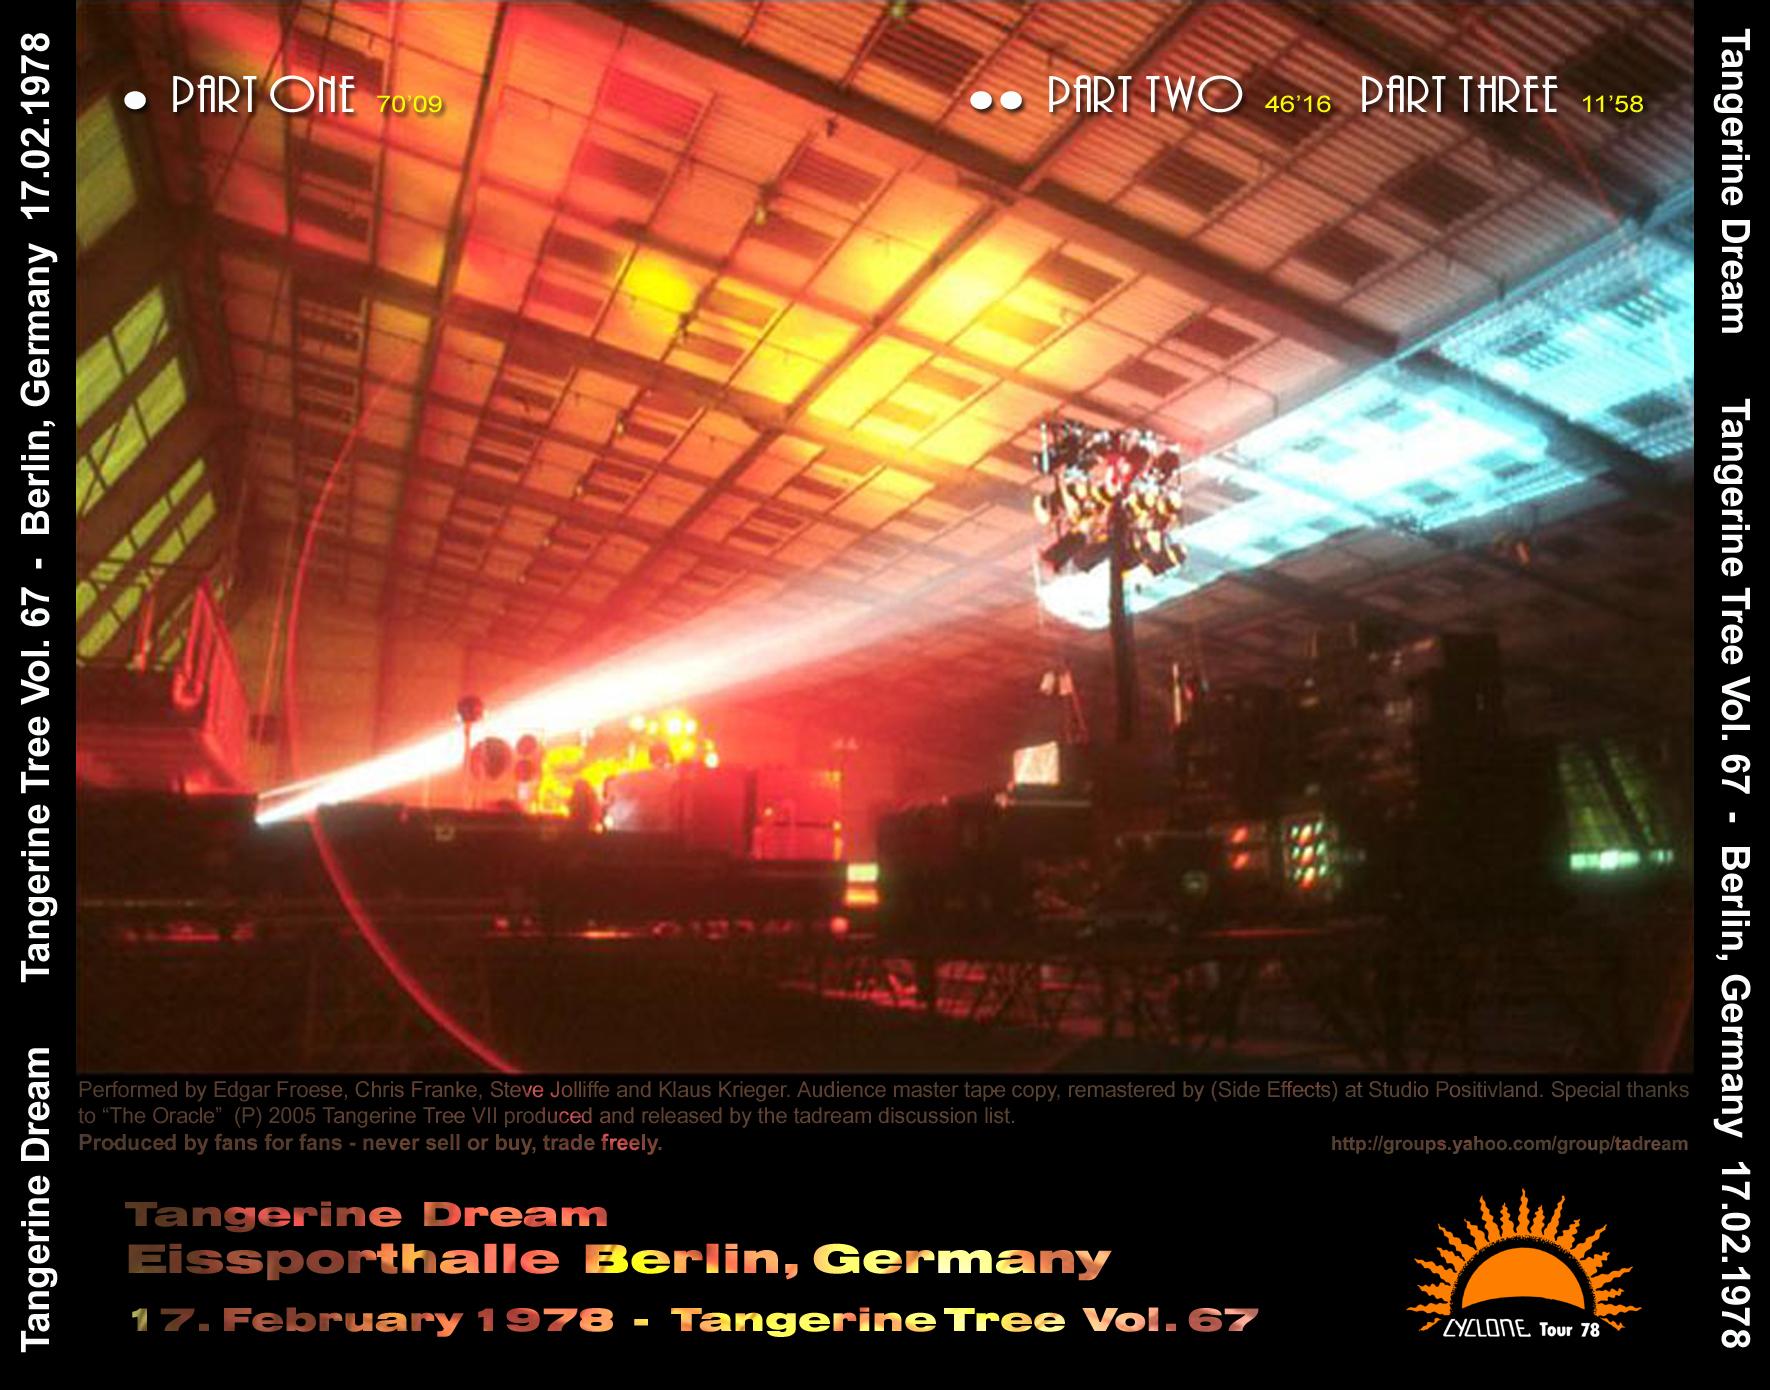 TangerineDream1978-02-19EissporthalleBerlinGermany.jpg